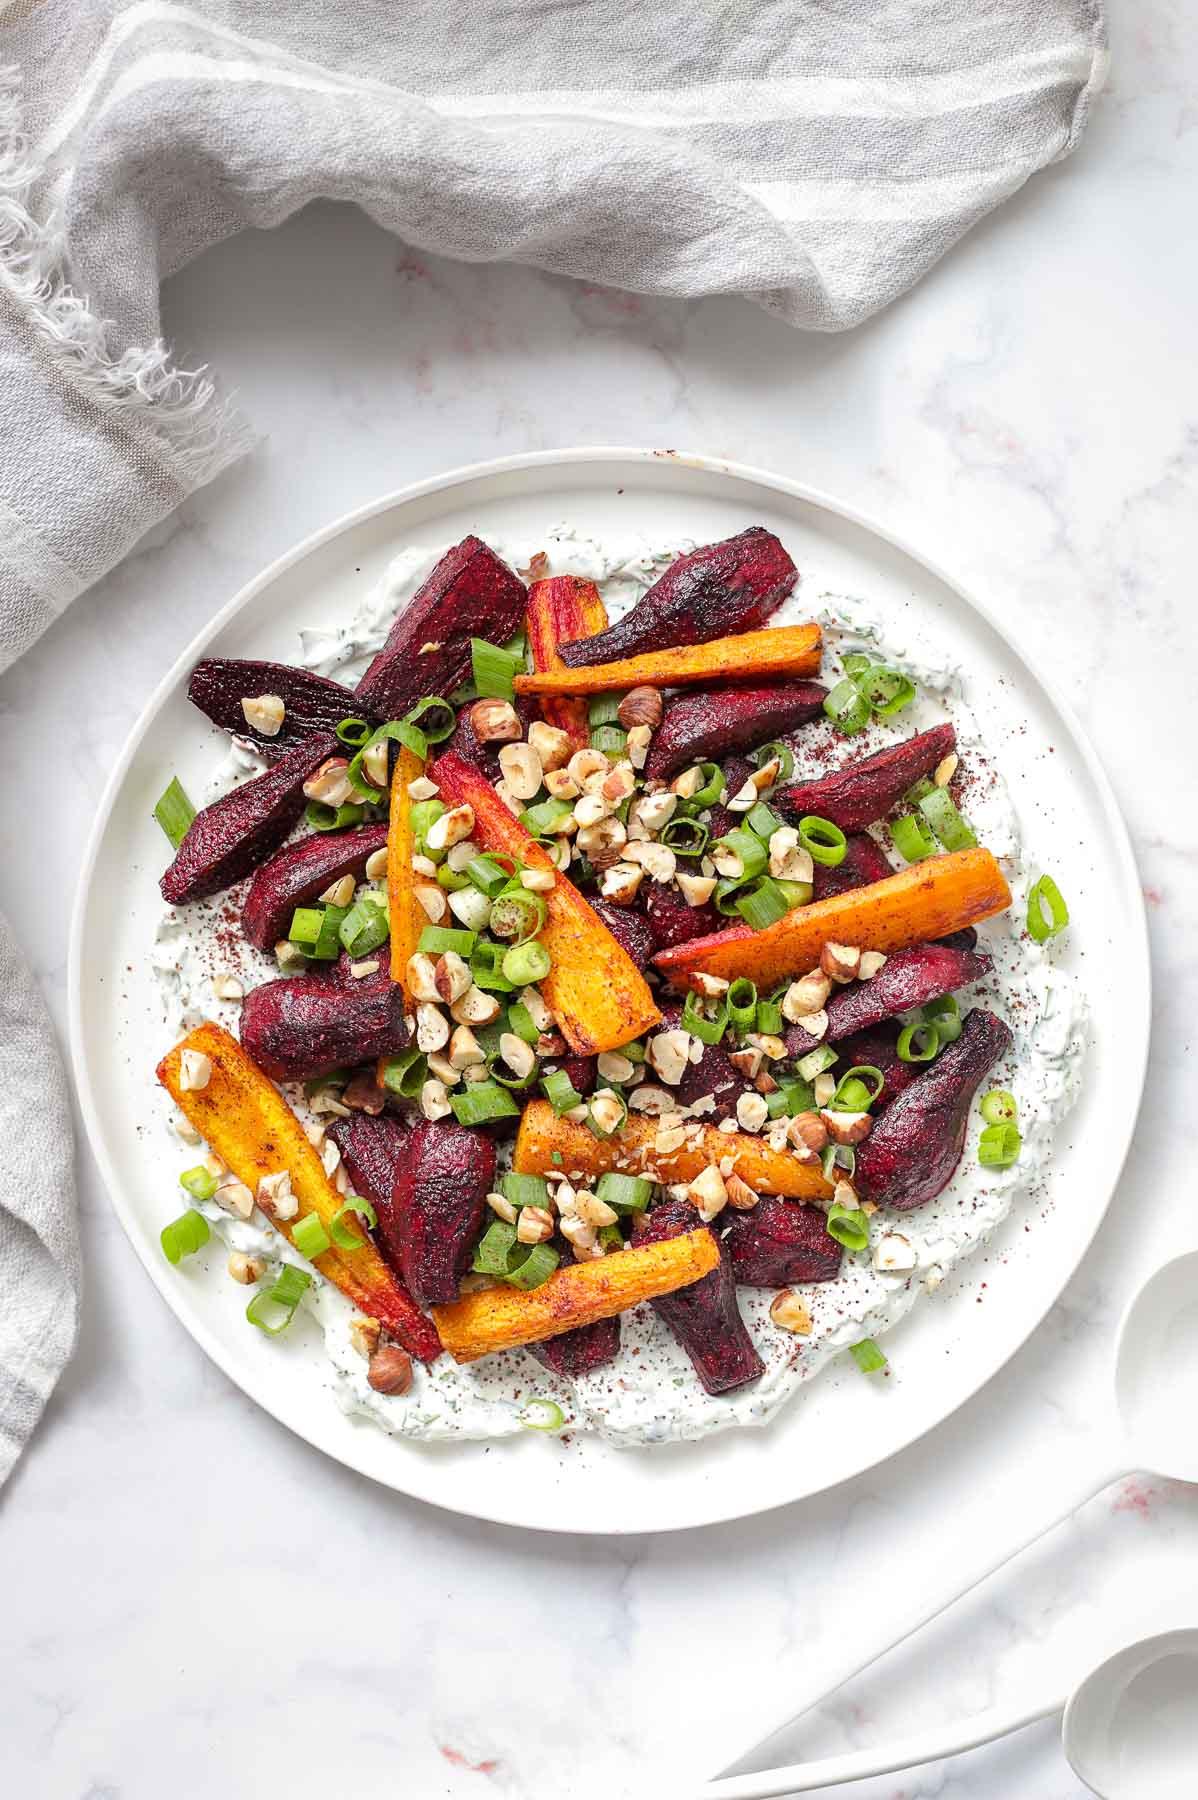 Ofen geröstete Rote Bete und Karotten mit Kräuter-Joghurt | Elle Republic